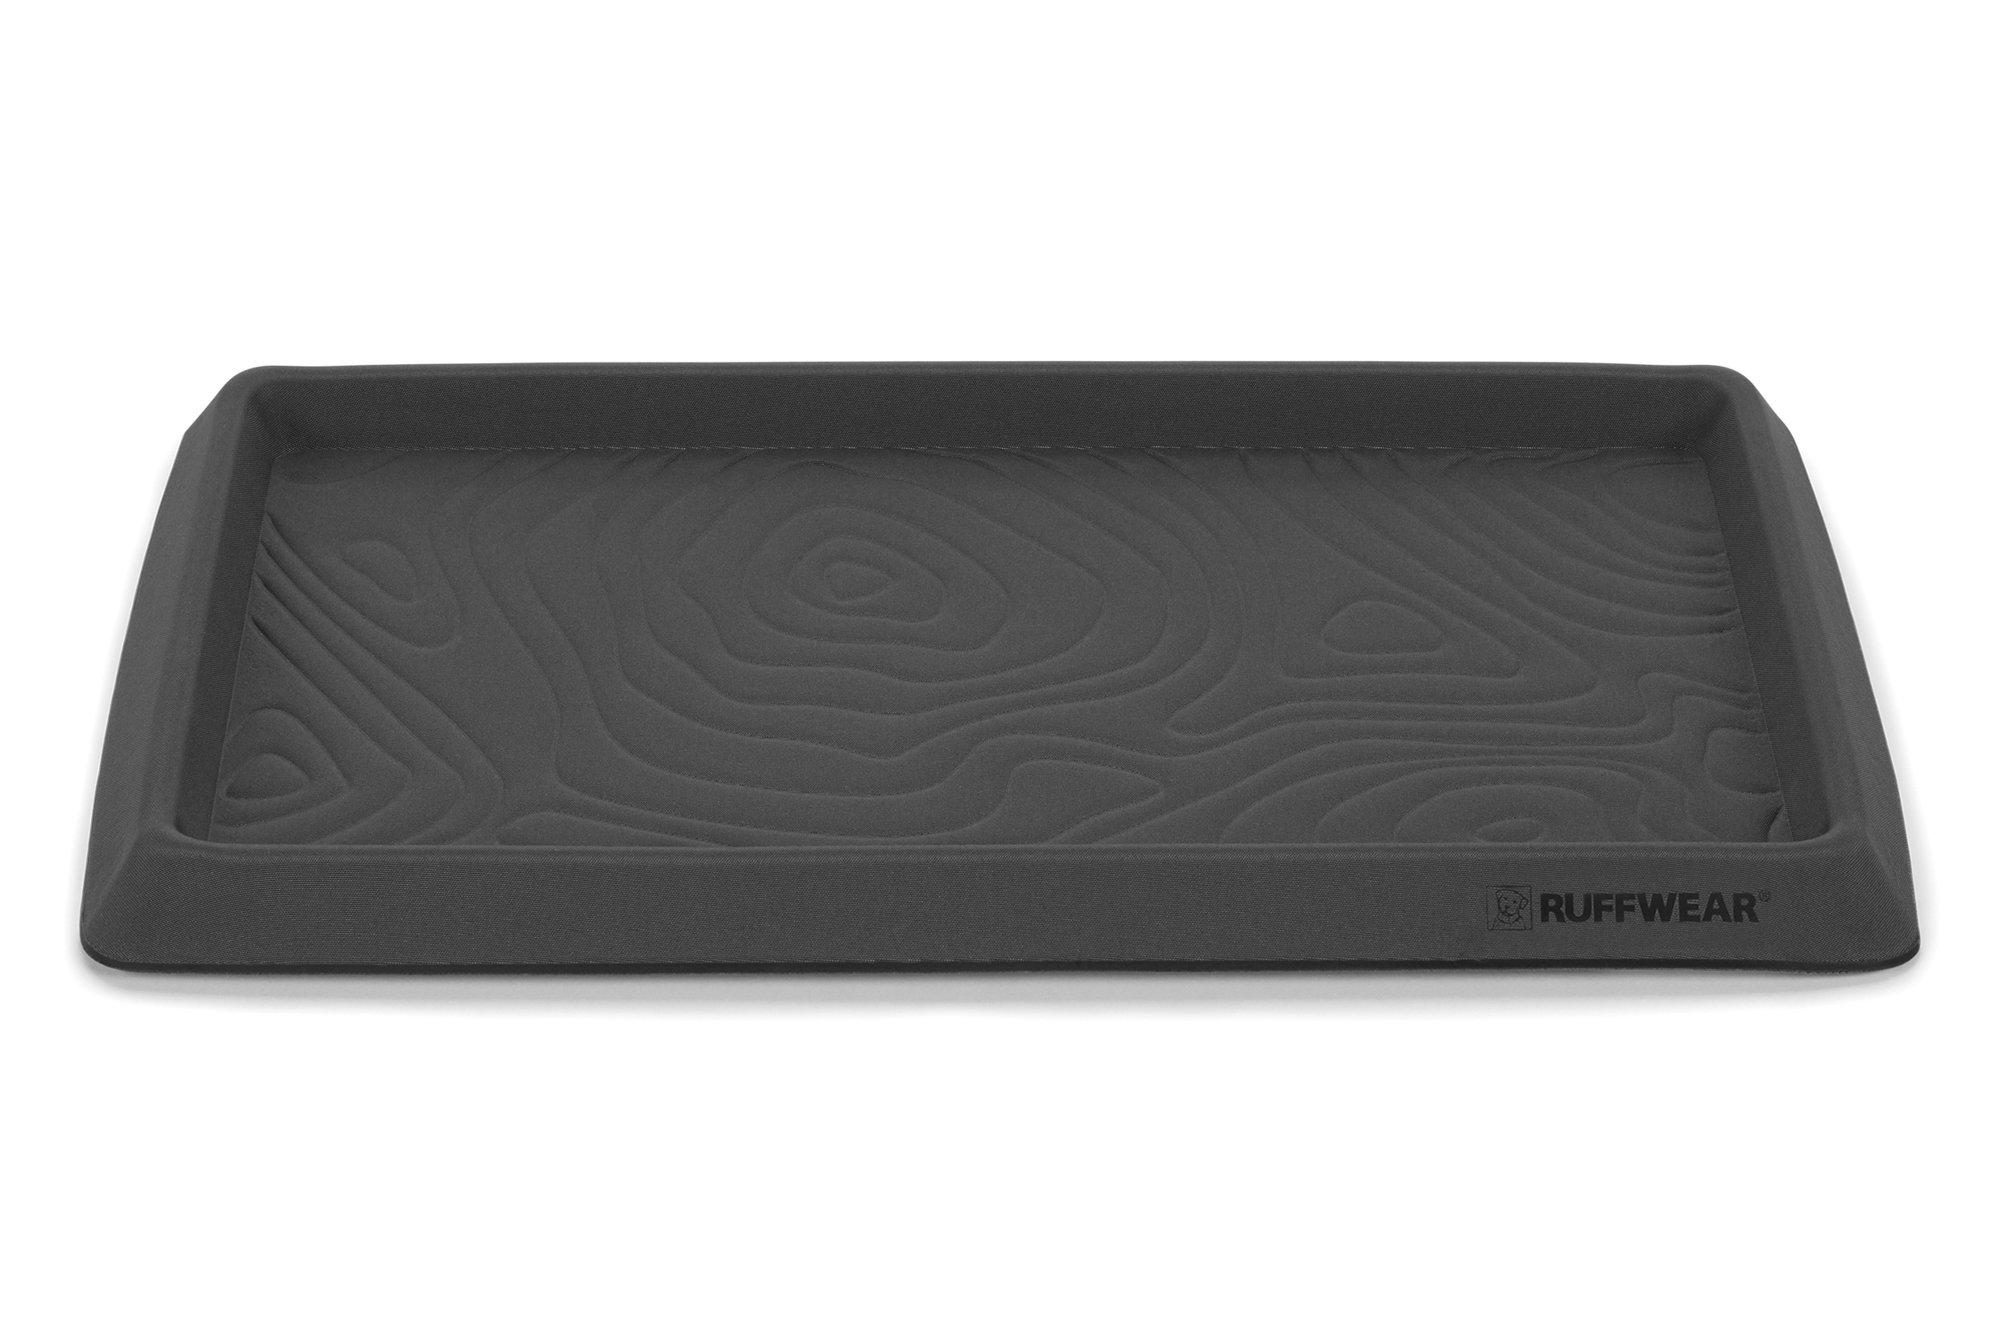 RUFFWEAR - Basecamp Portable Dog Mat, Twilight Gray,large